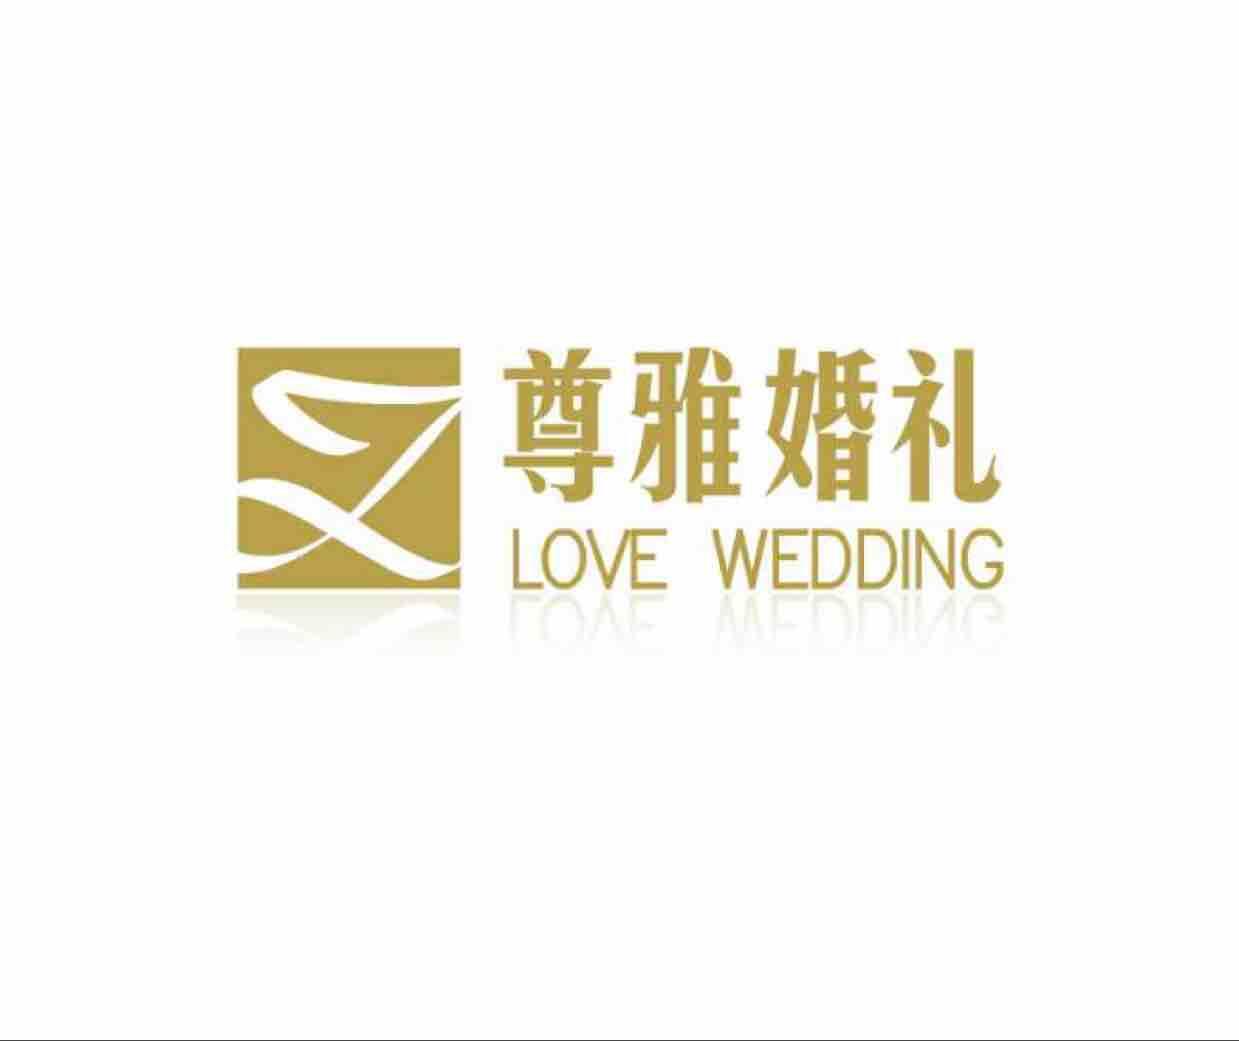 济宁尊雅婚礼设计